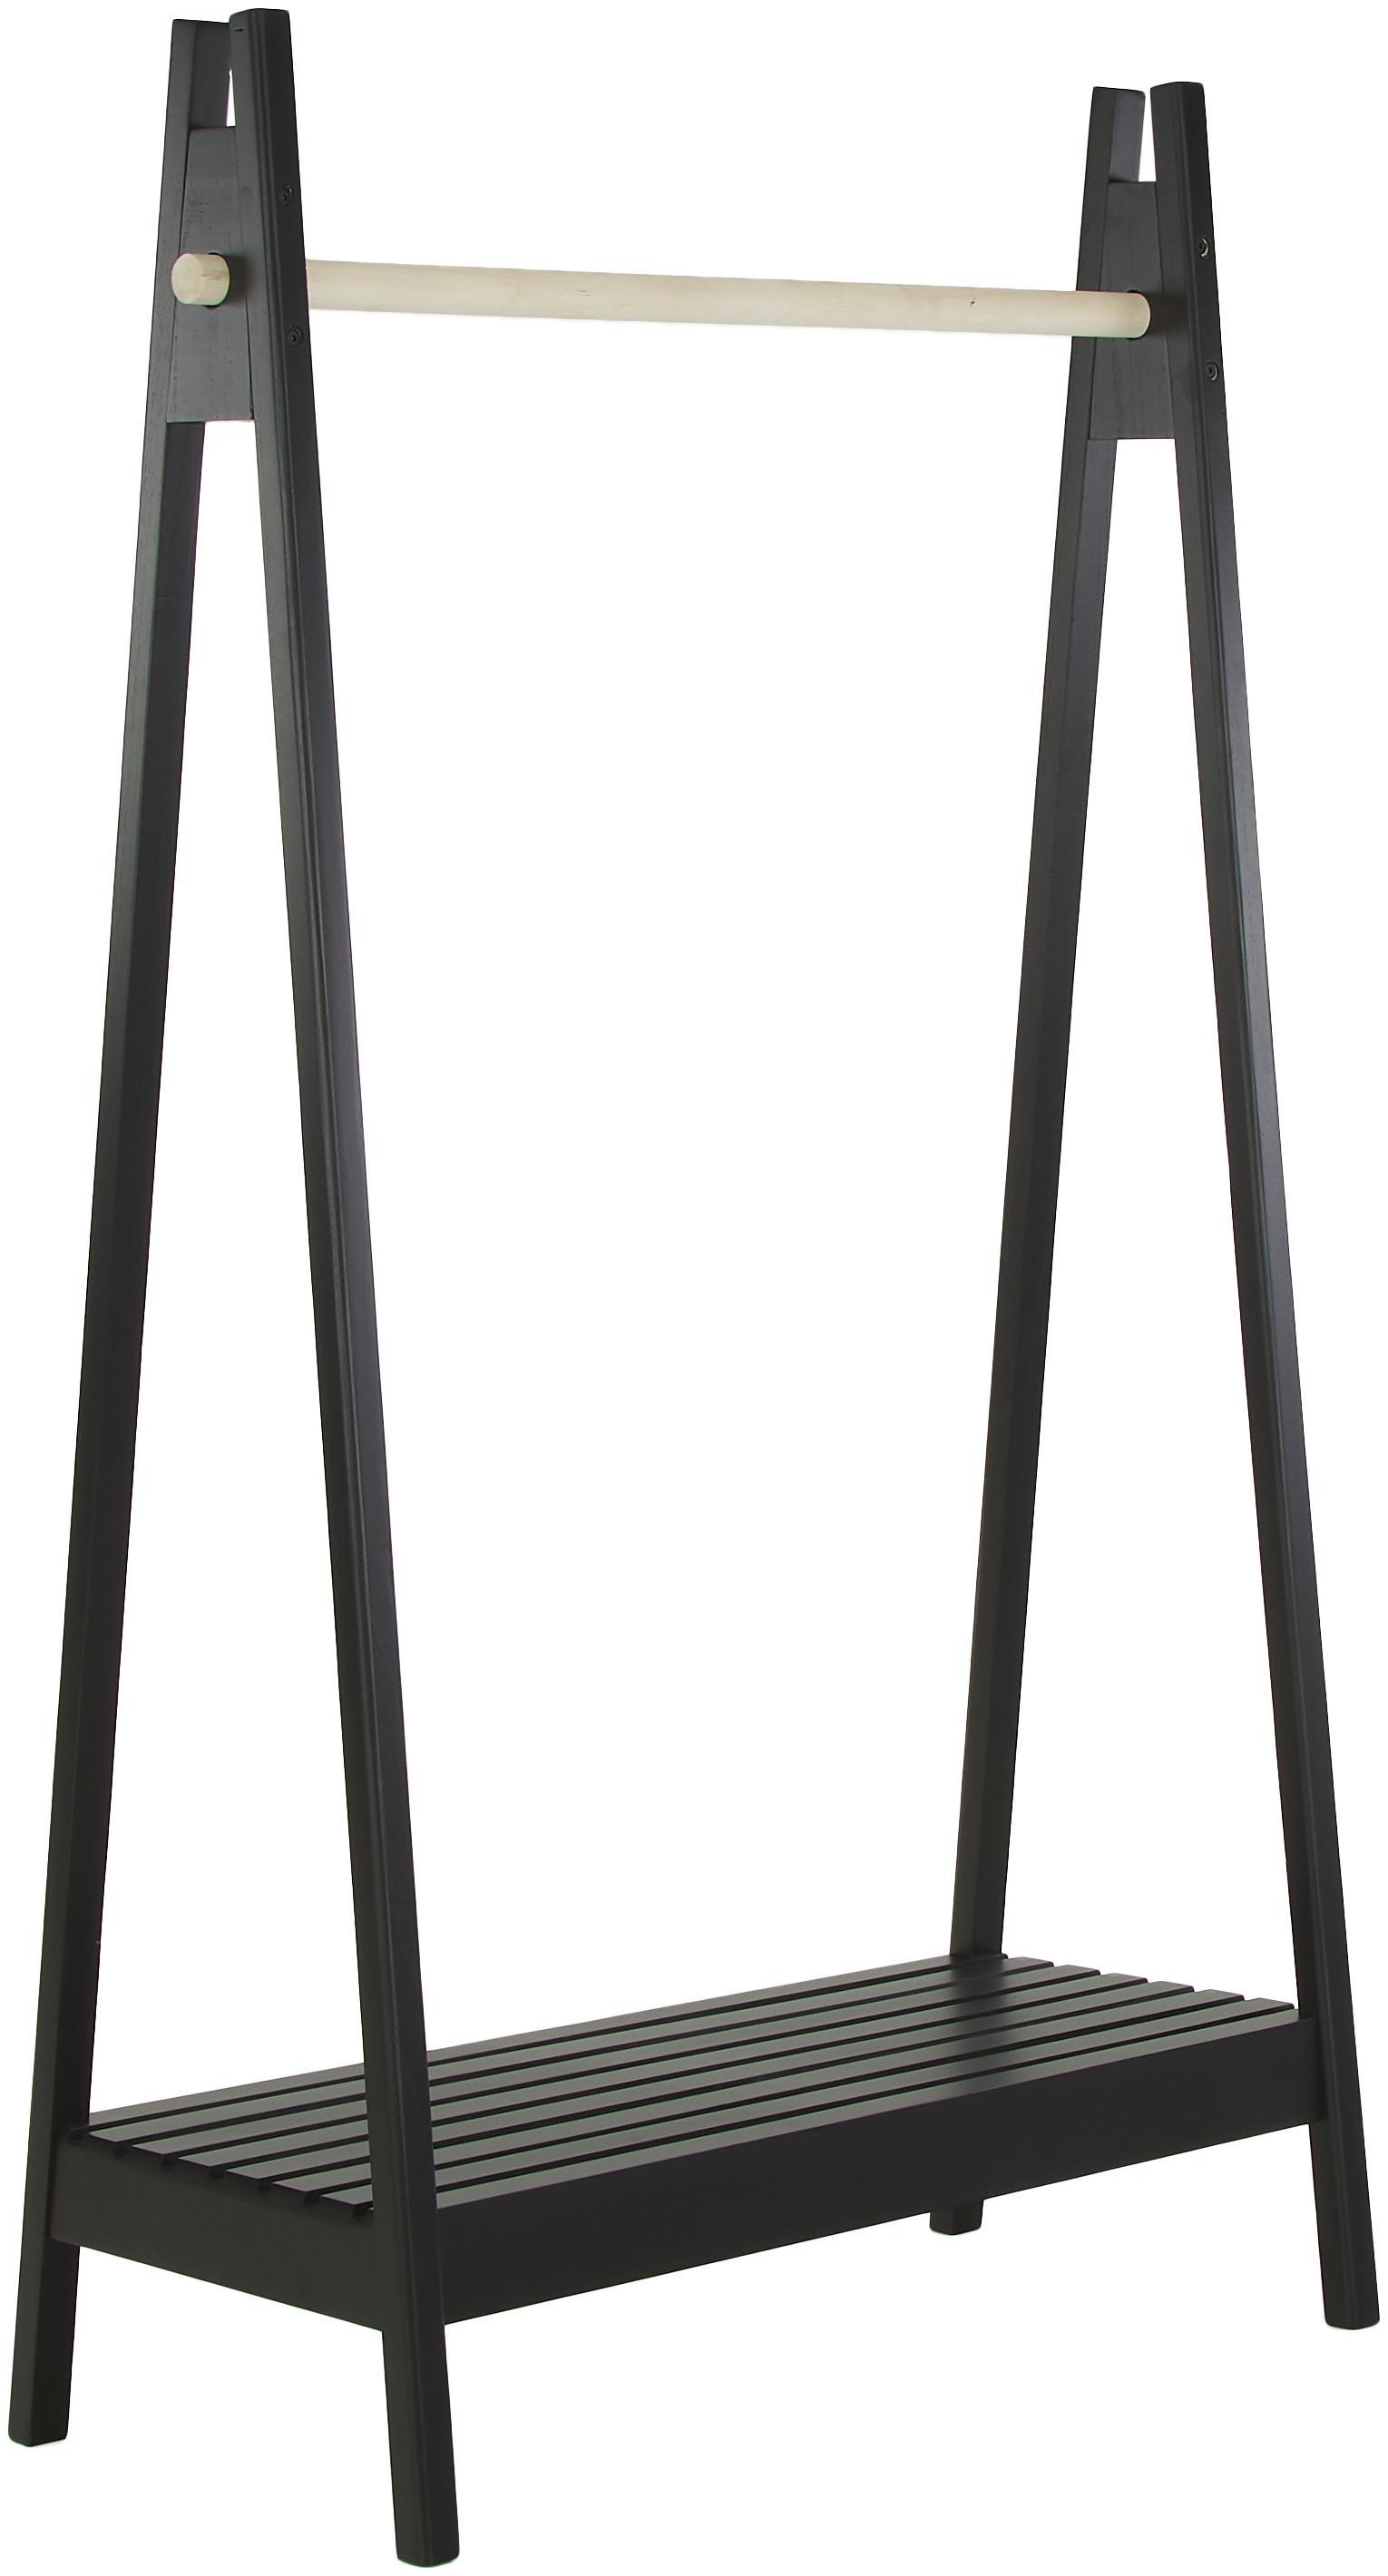 Appendiabiti in legno Torino, Legno di paulownia, pannelli di fibra a media densità (MDF), Nero, bianco, Larg. 95 x Prof. 39 cm